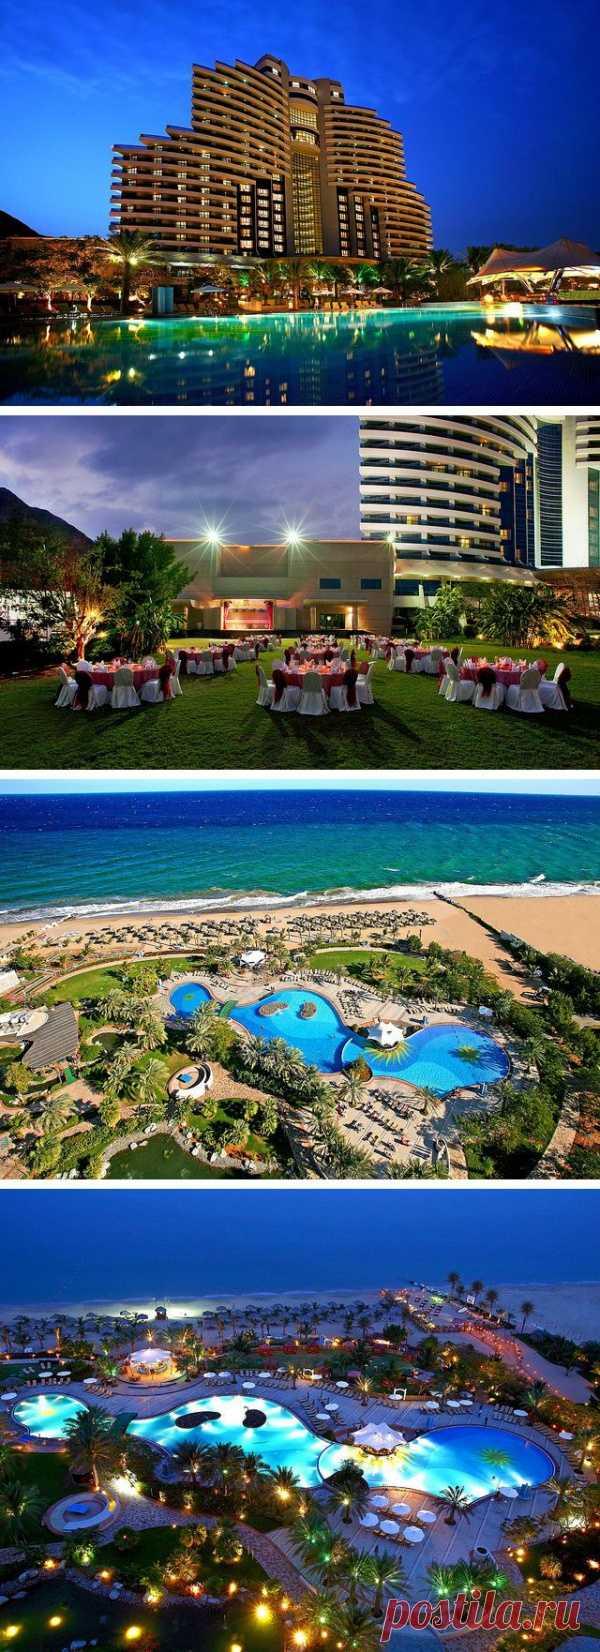 Прекрасный отель с панорамным видом на Индийский океан. Аль-Ака, ОАЭ